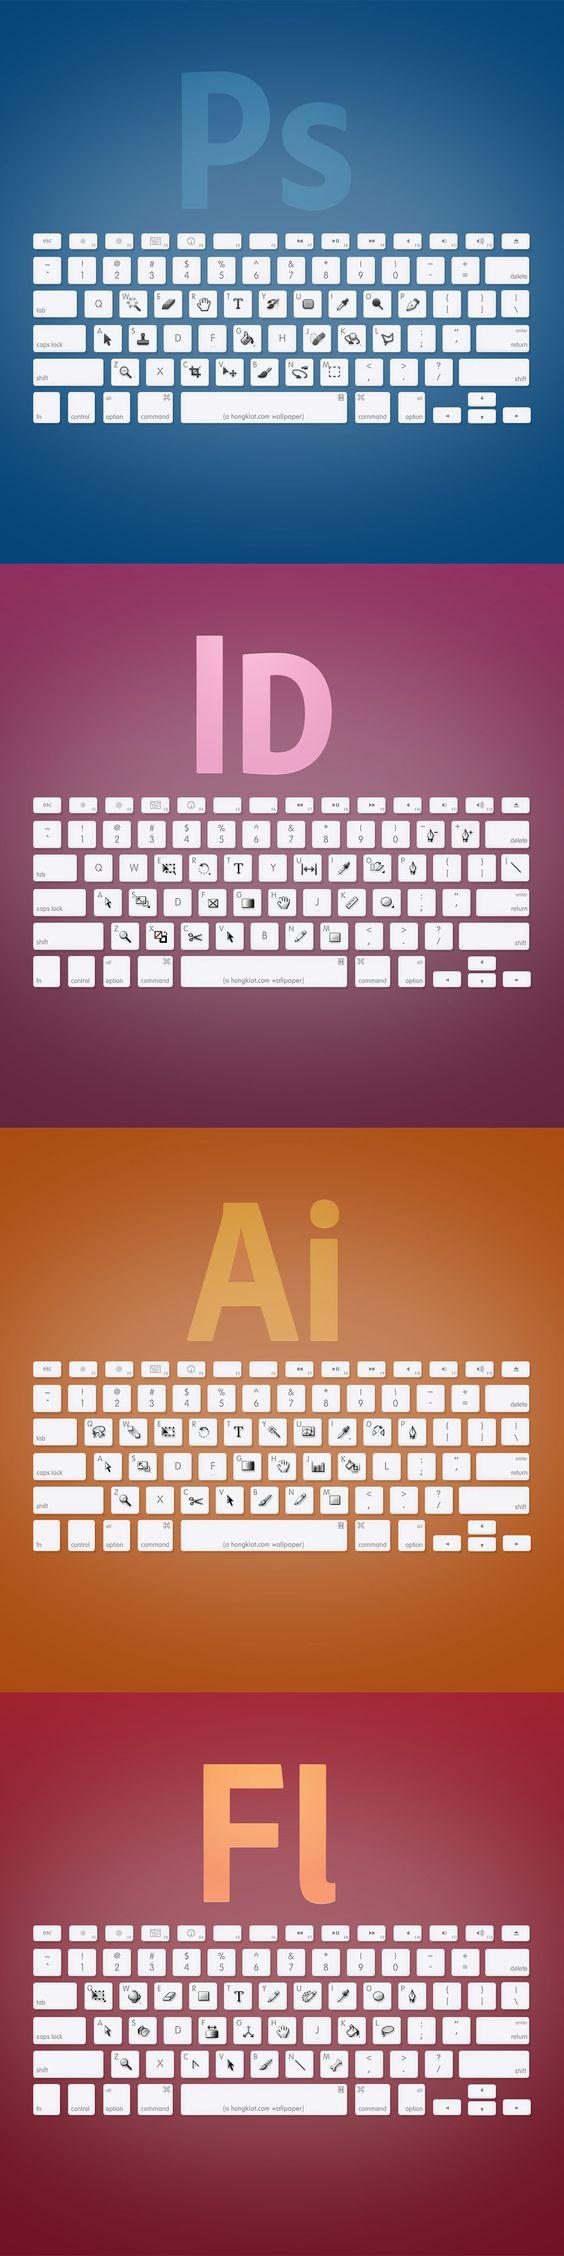 La chuleta de los atajos de Adobe